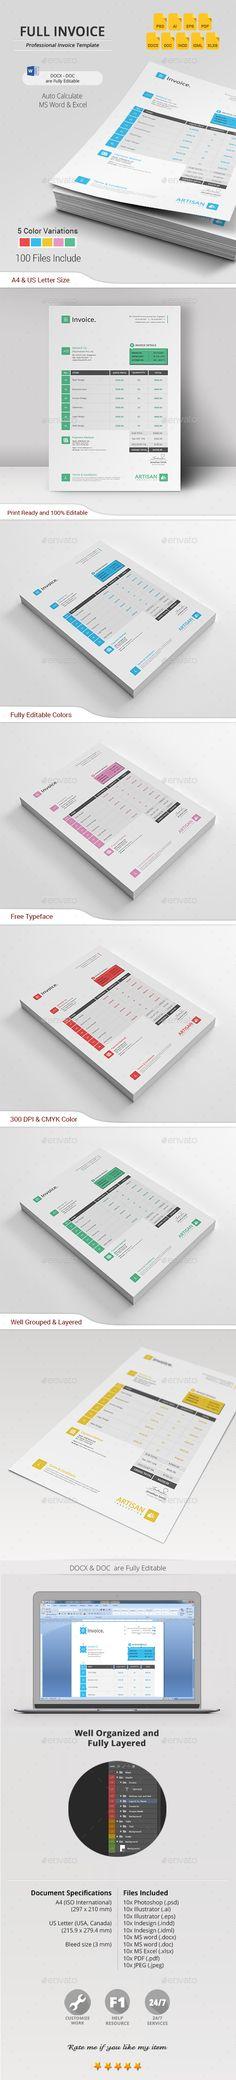 invoice | illustrators, ai illustrator and invoice template, Invoice examples